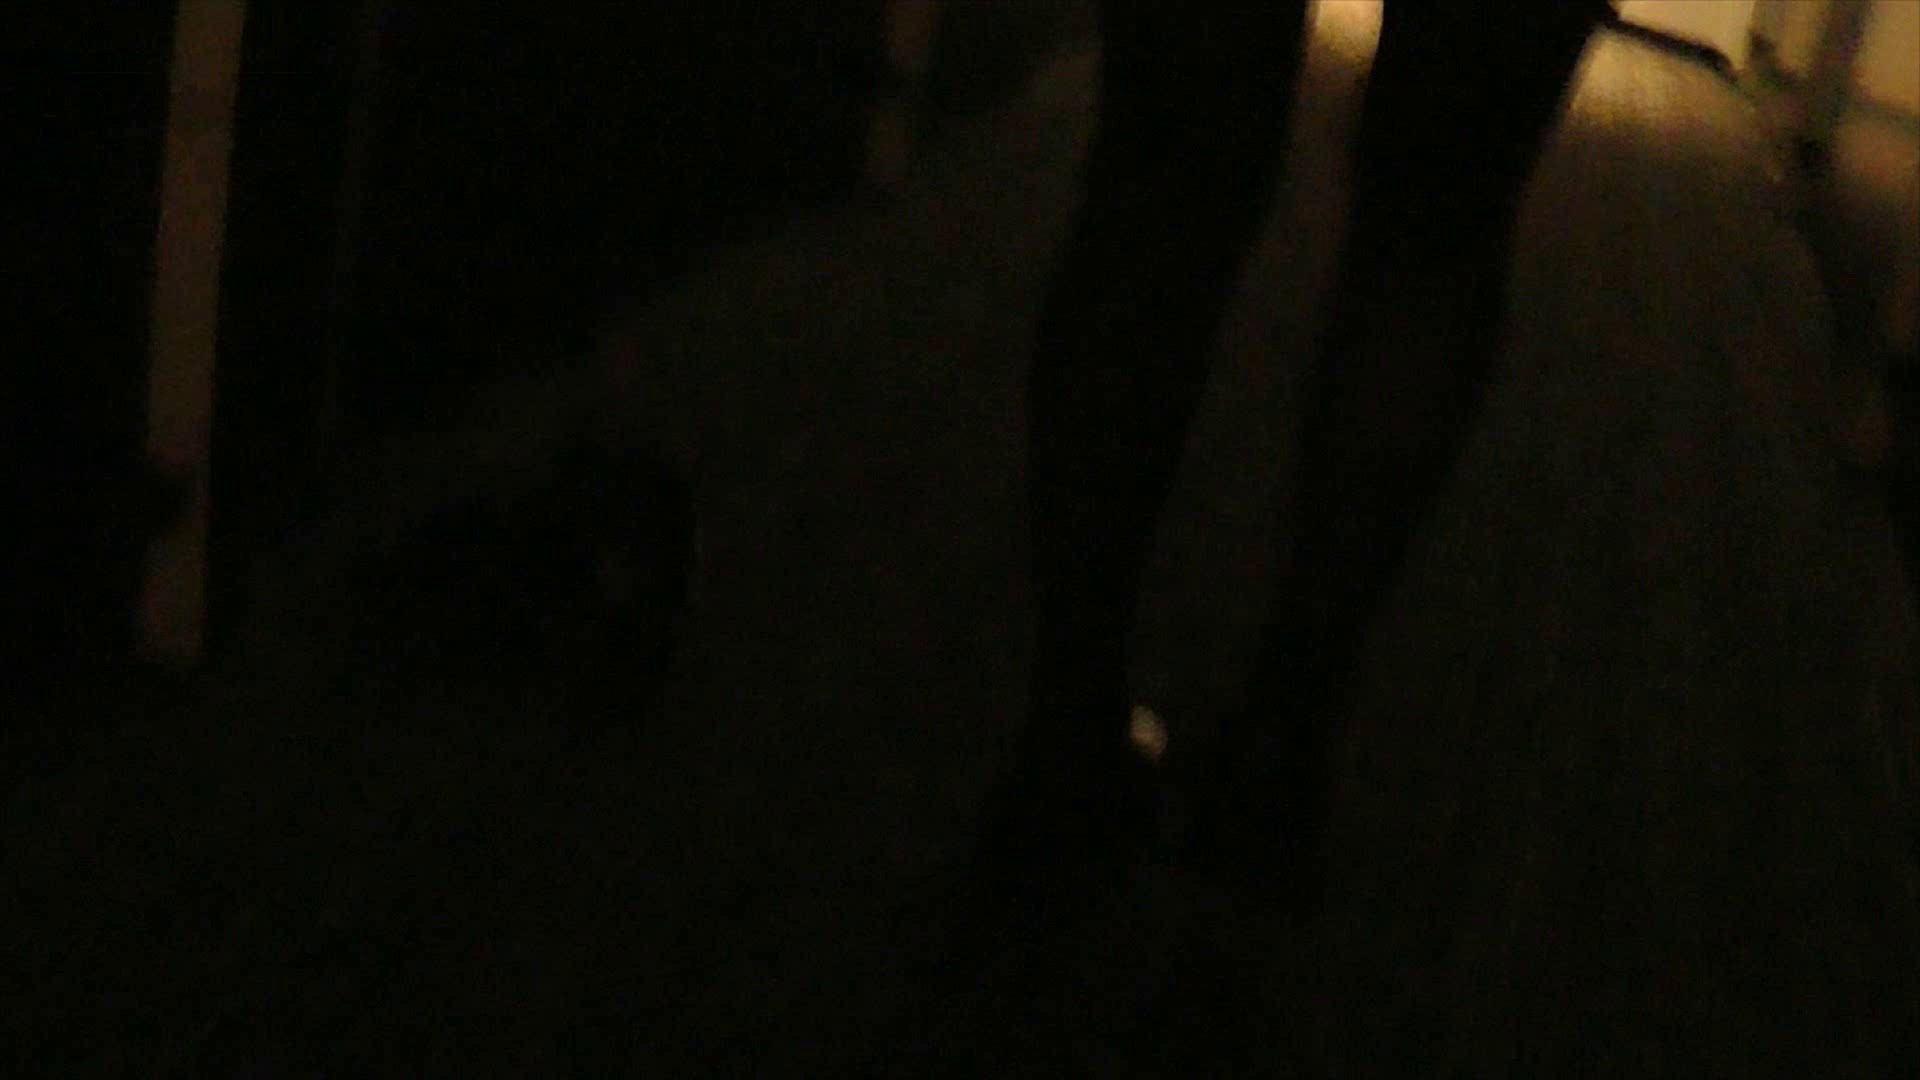 悪戯ネットカフェ Vol.05 エロ系オネェたんに魔法を掛けて・・・。 イタズラ  89pic 22